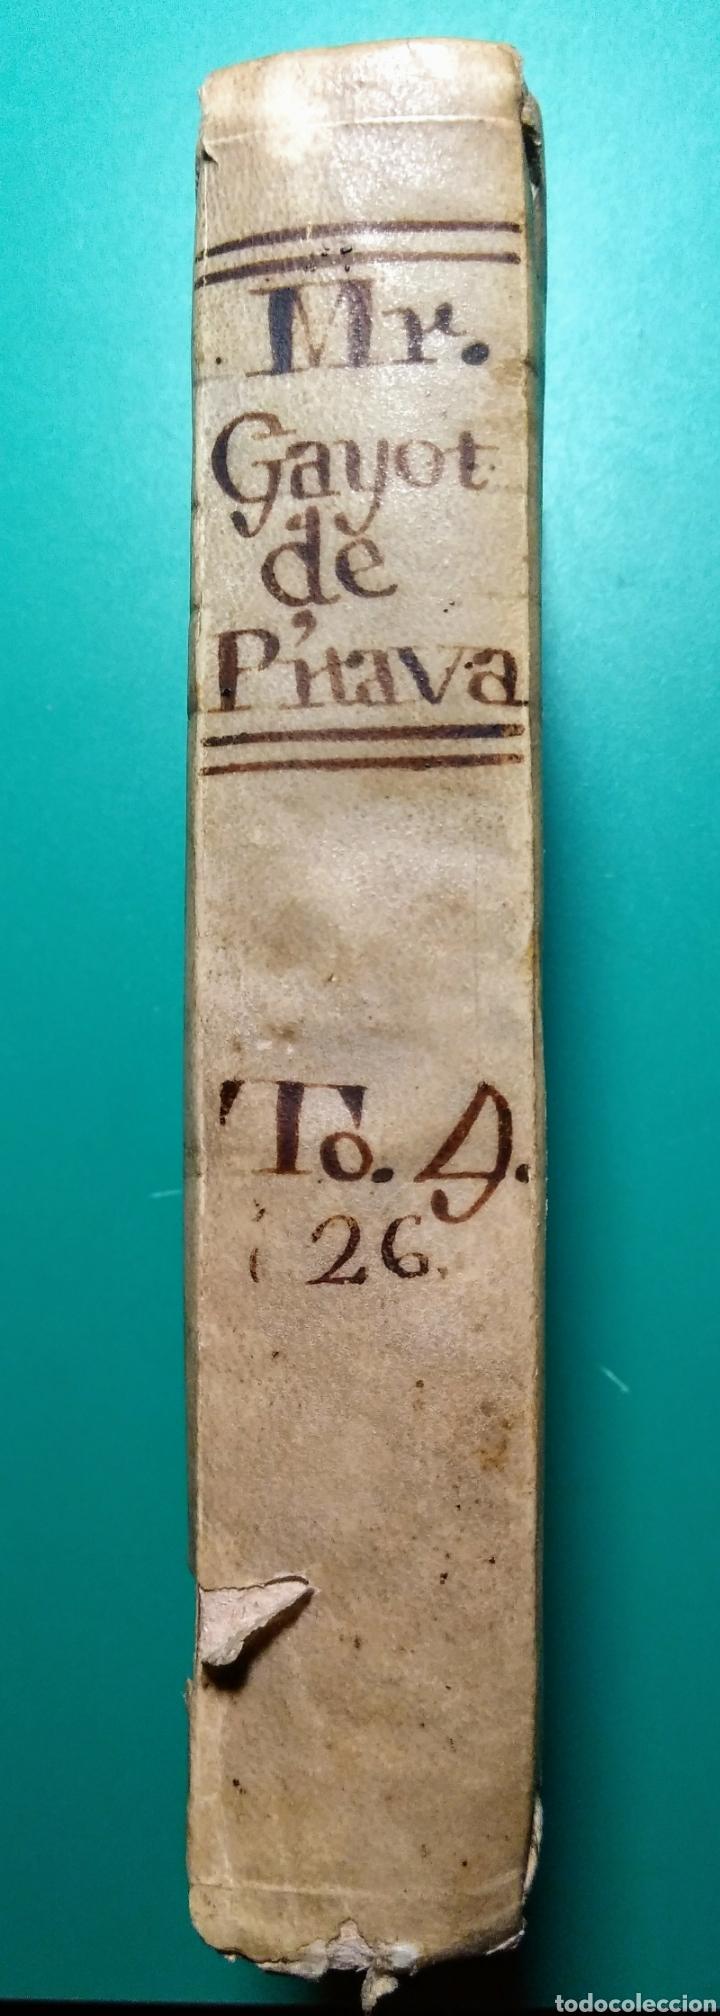 Libros antiguos: Causes Célebres et Intéressantes. Año 1775. par Mr. J.C de La Ville. - Foto 3 - 145550757